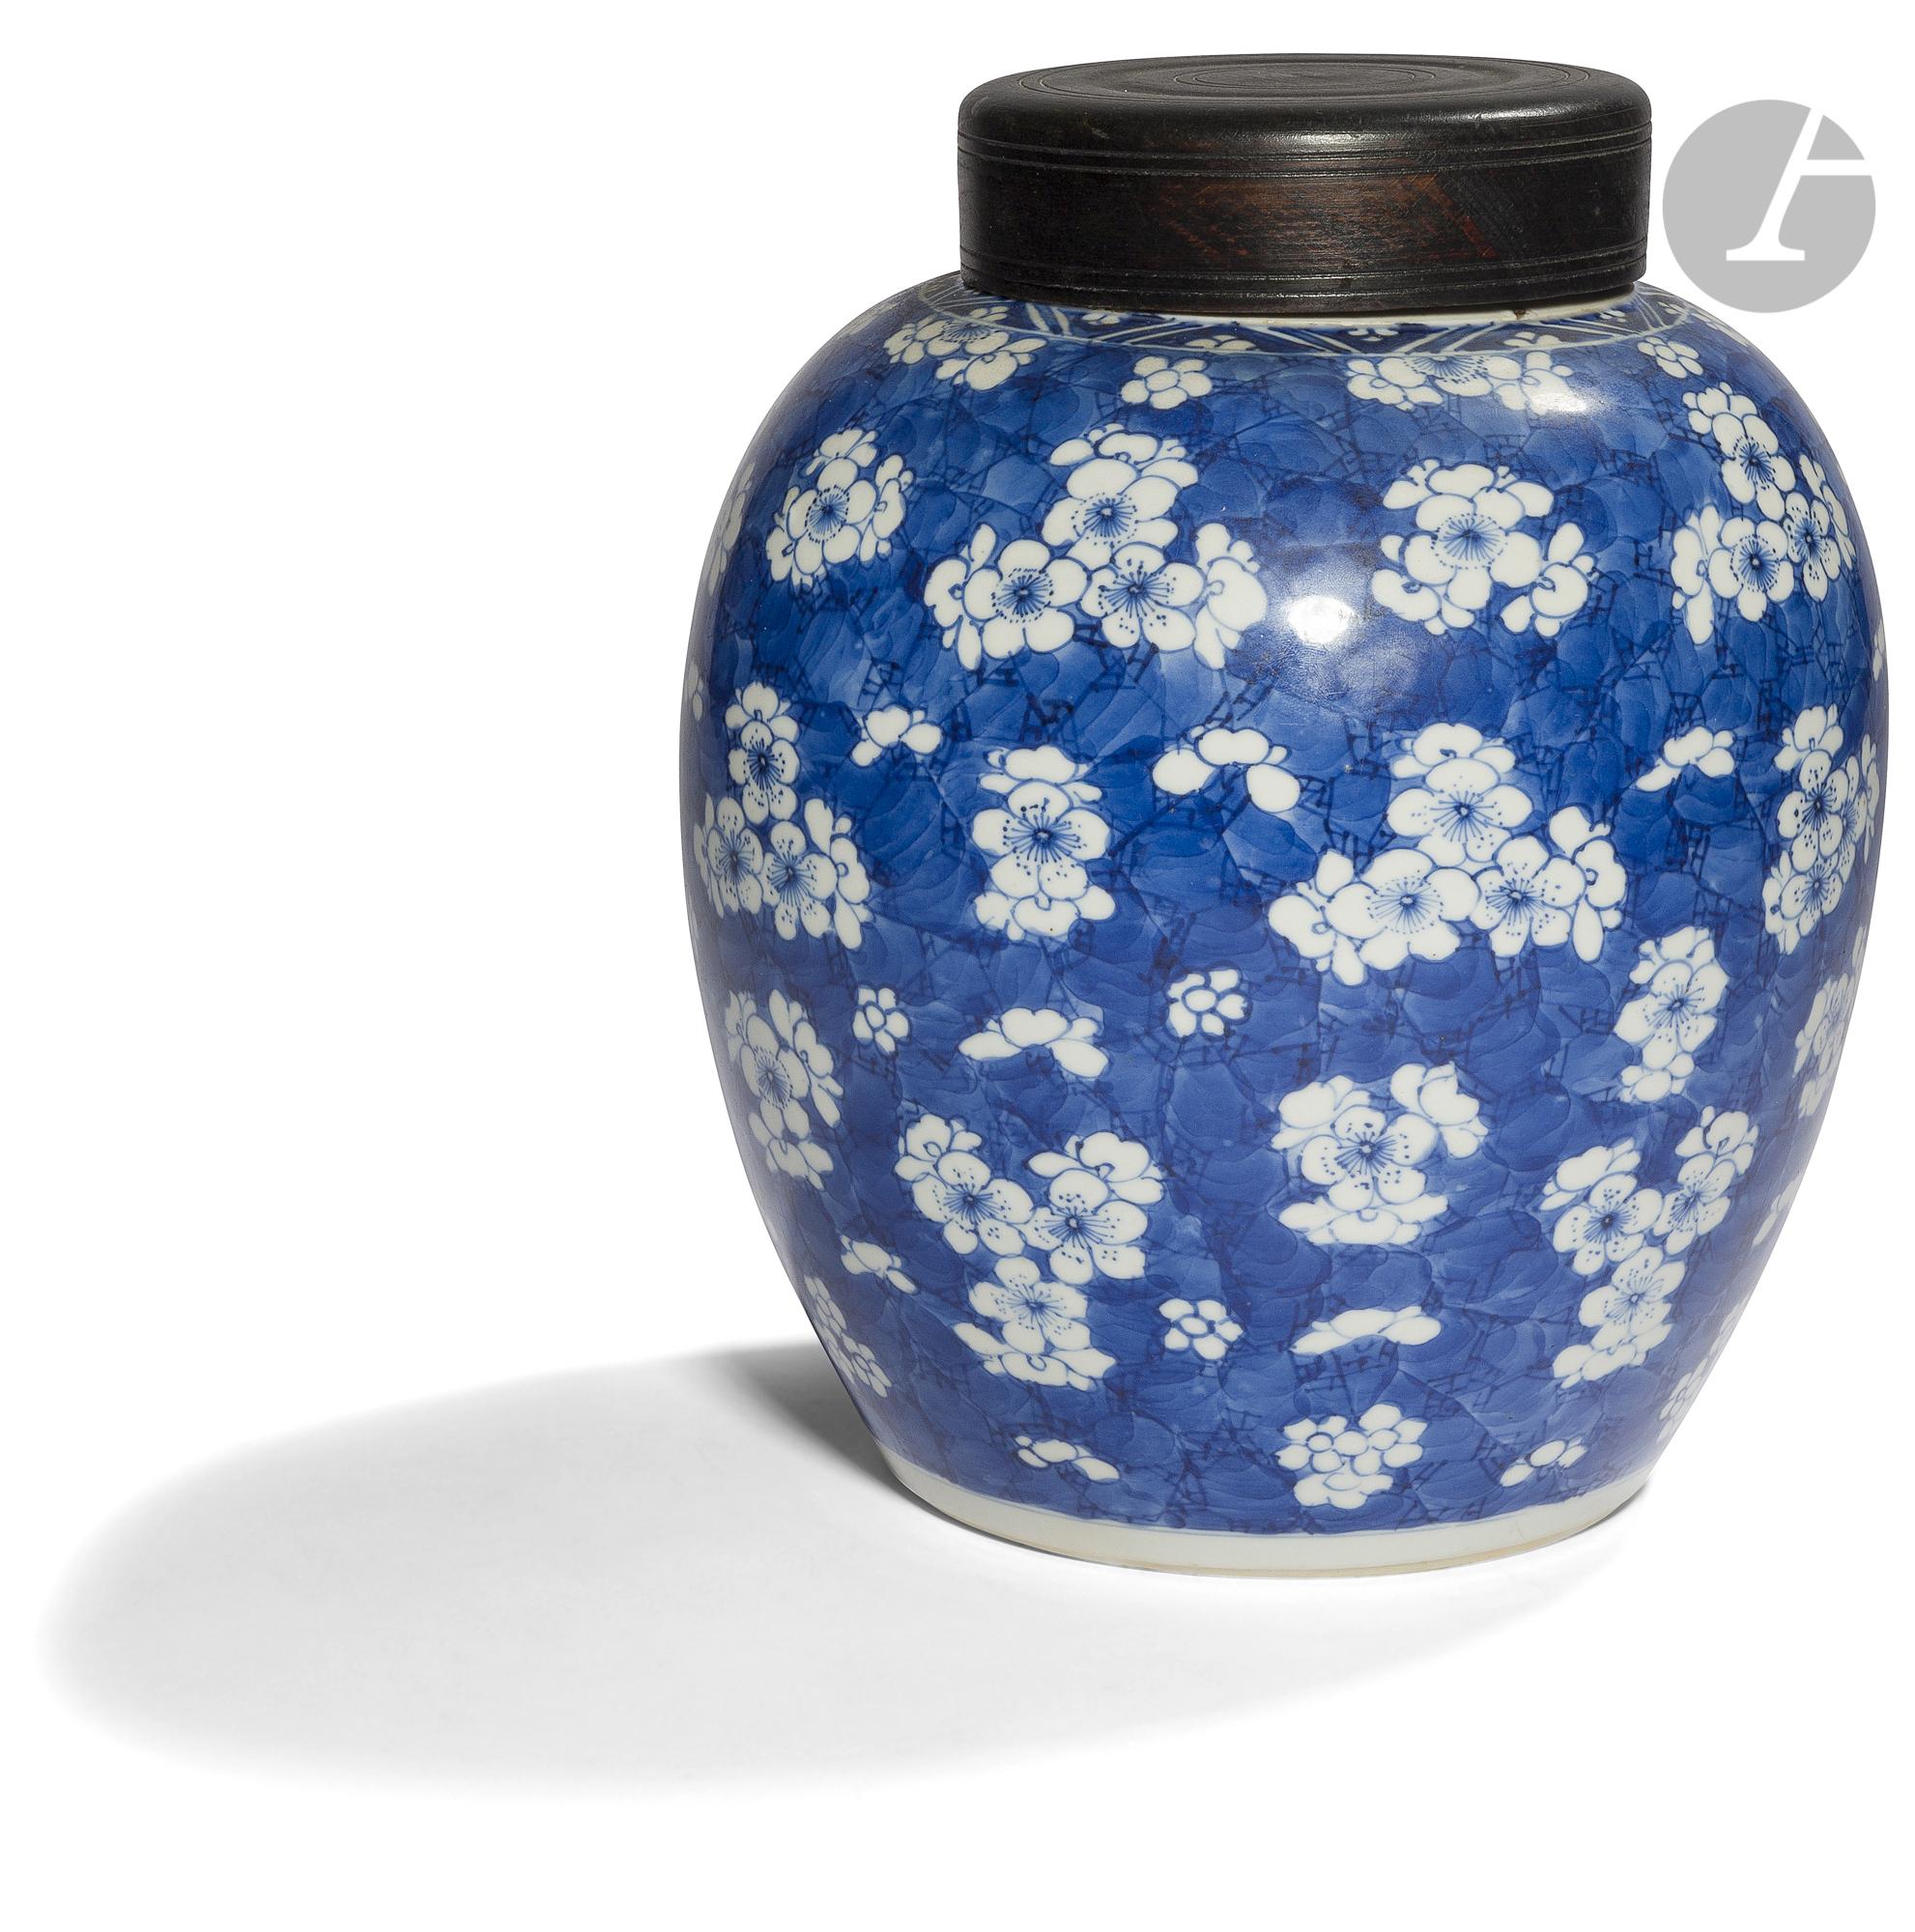 CHINE - XVIIIe siècle Pot à gingembre en porcelaine bleu blanc à décor de fleurs de prunus sur